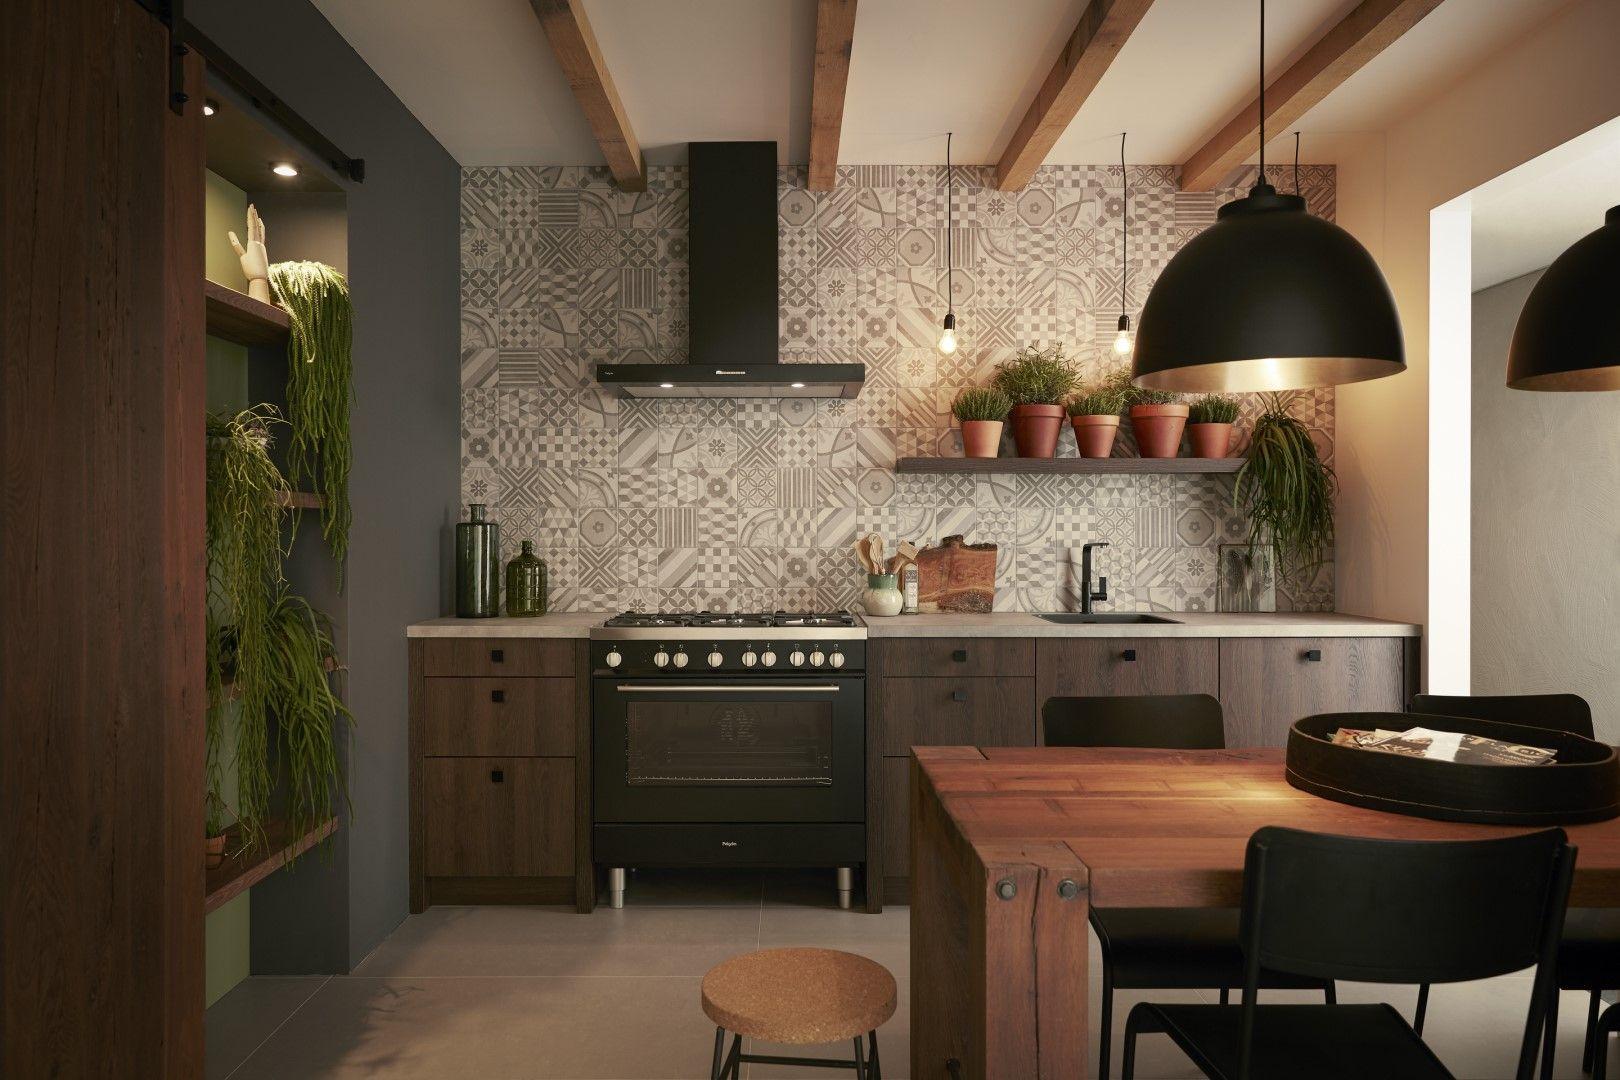 Keukens Landelijke Stijl : Landelijke keukens sfeervol wonen in landelijke stijl küche in